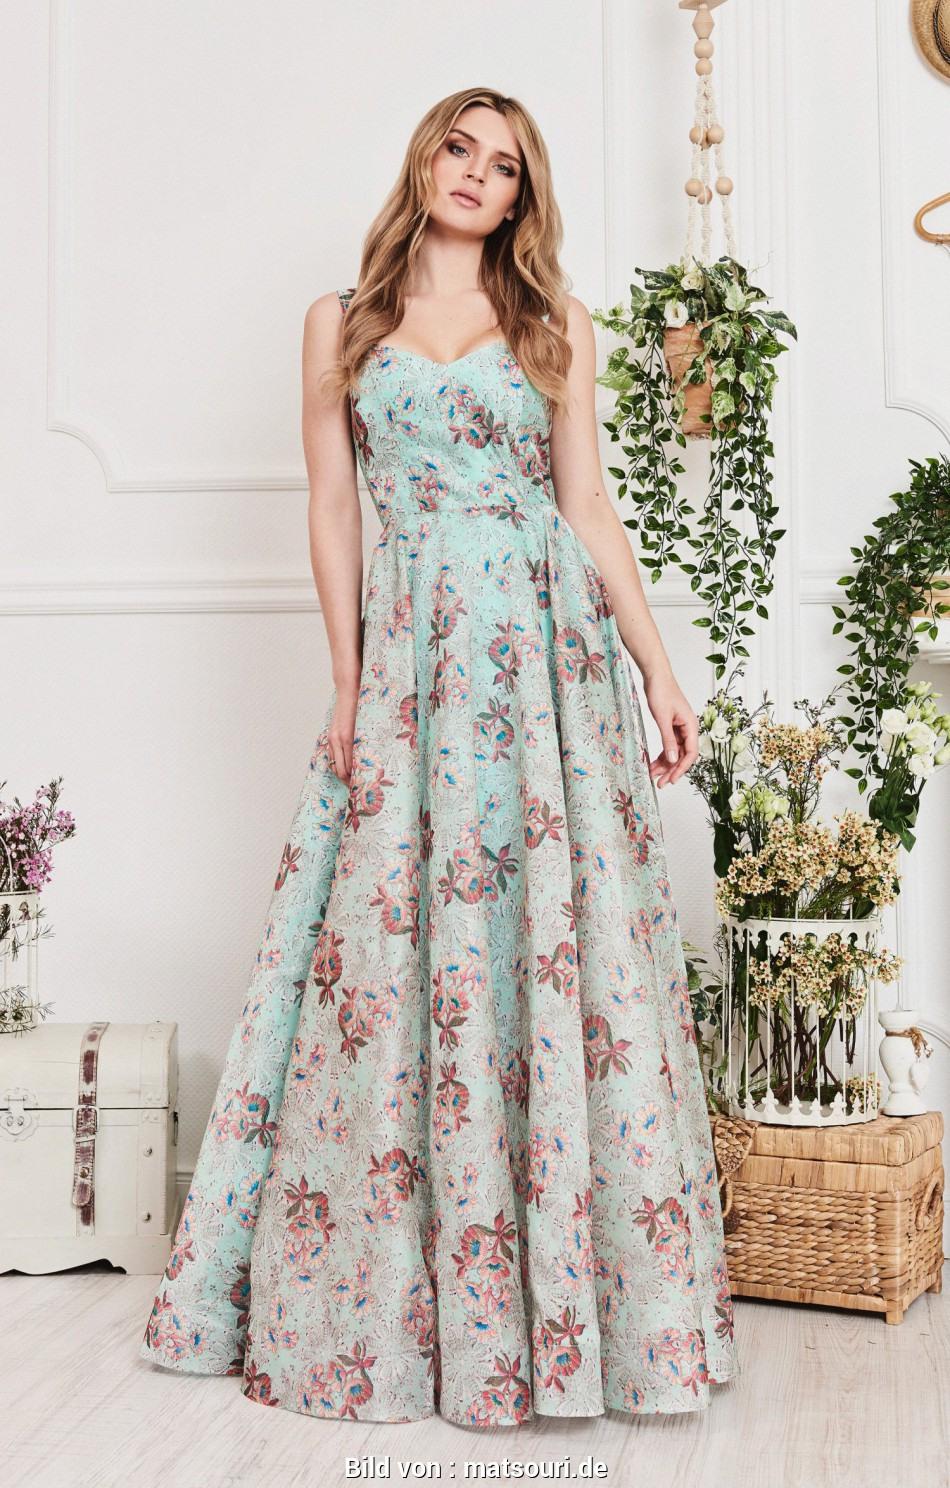 15 Luxurius Abendkleider Second Hand Design17 Perfekt Abendkleider Second Hand Spezialgebiet